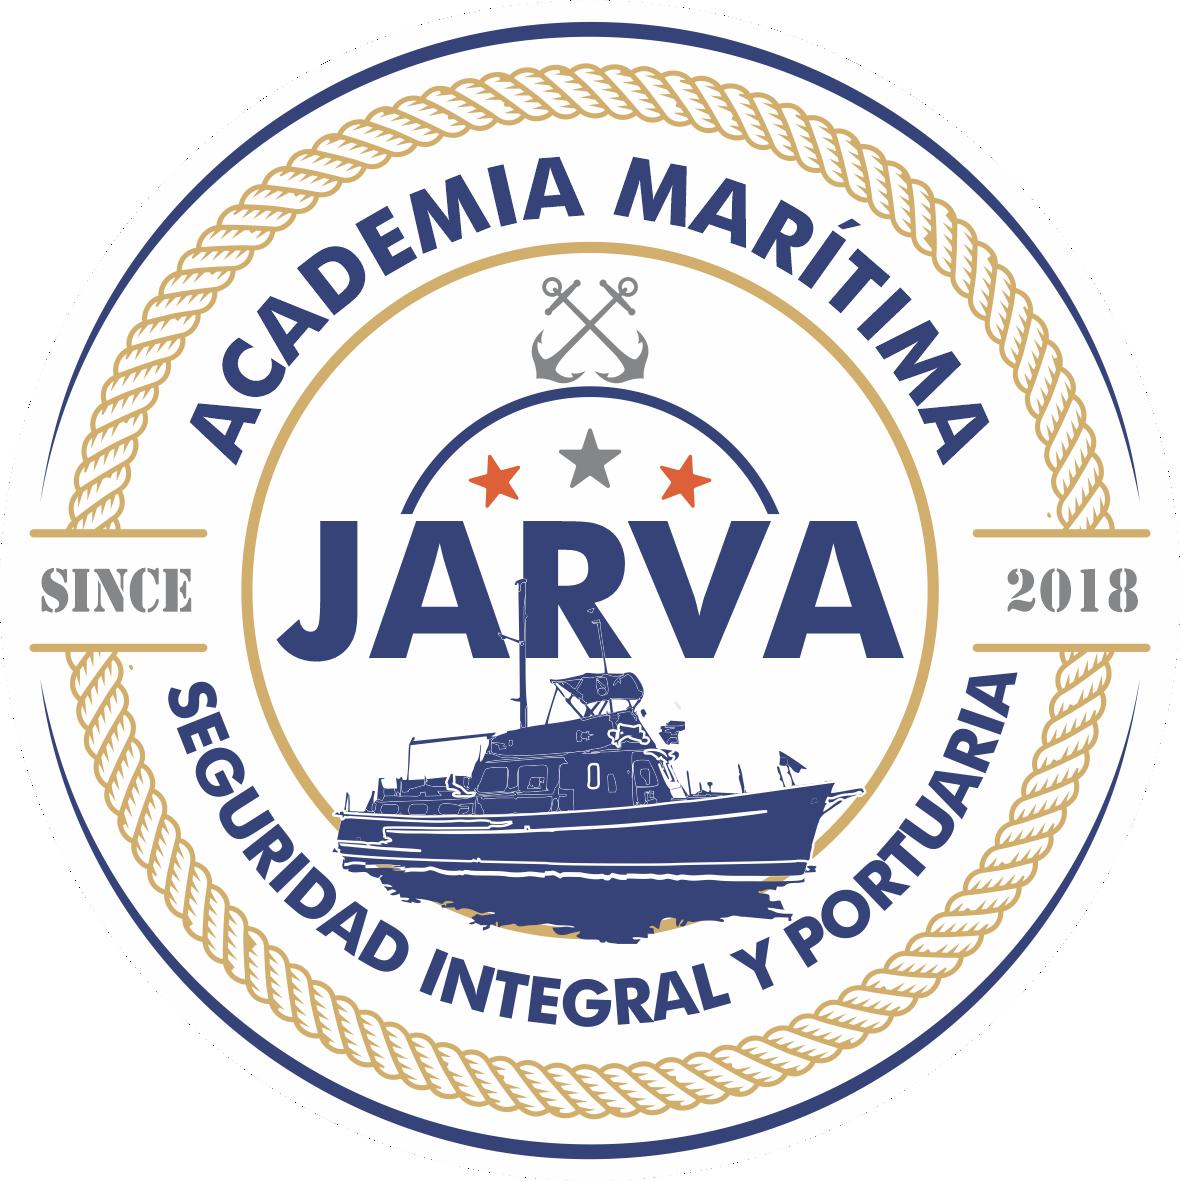 Academia Marítima JARVA